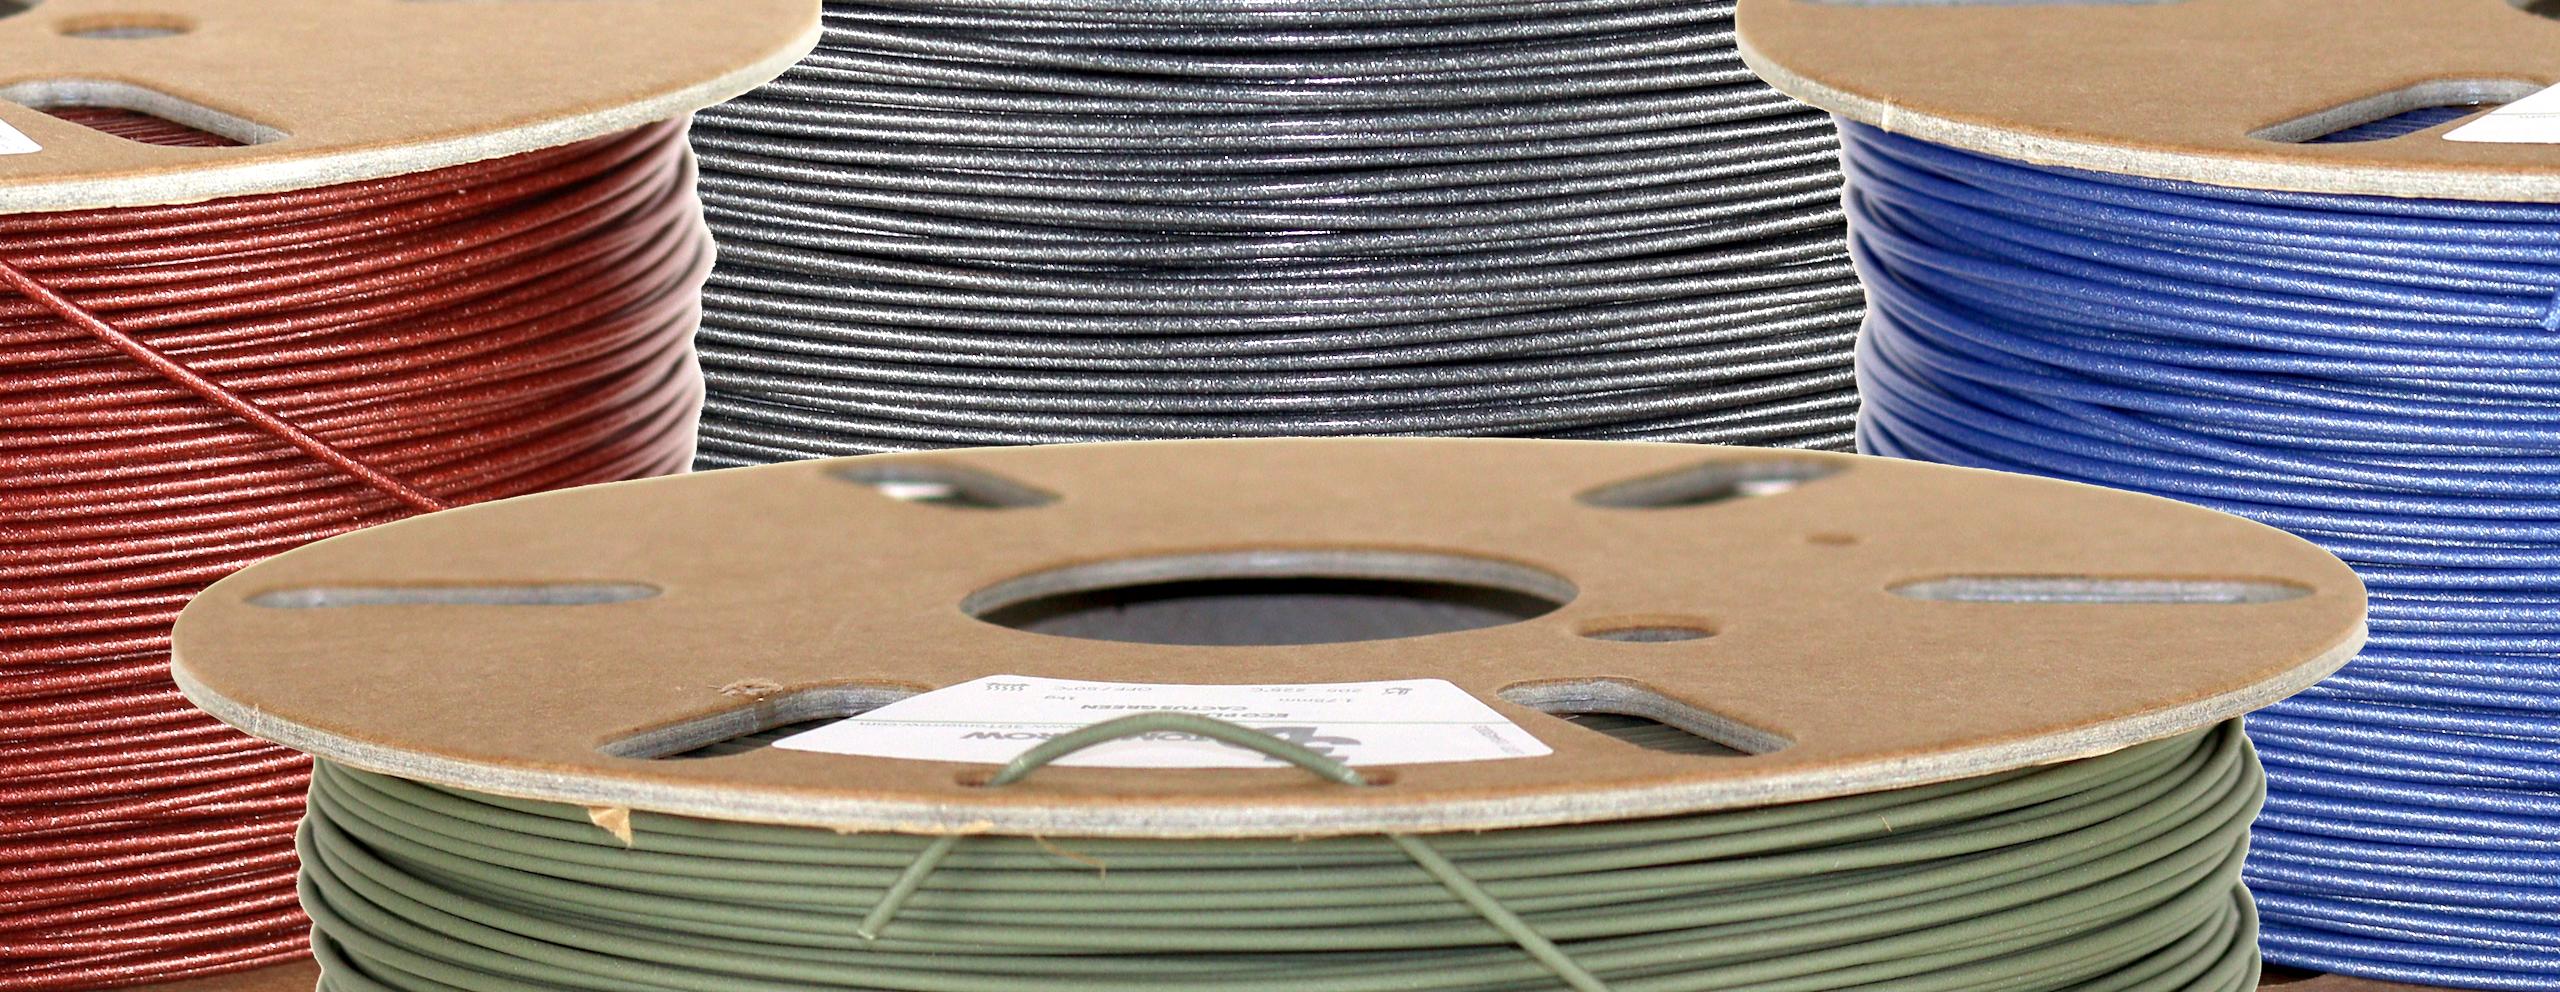 3DTomorrow Filament